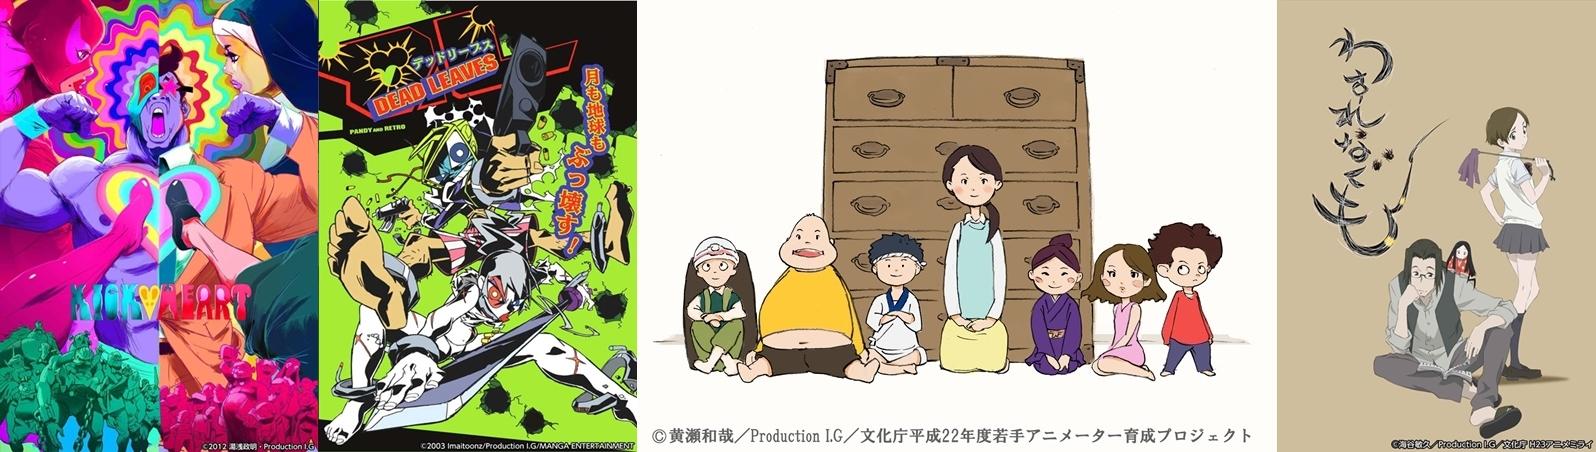 プロダクションI.G、個性派アニメ4タイトル発表|キックハート、DEAD LEAVES、たんすわらし。、わすれなぐも